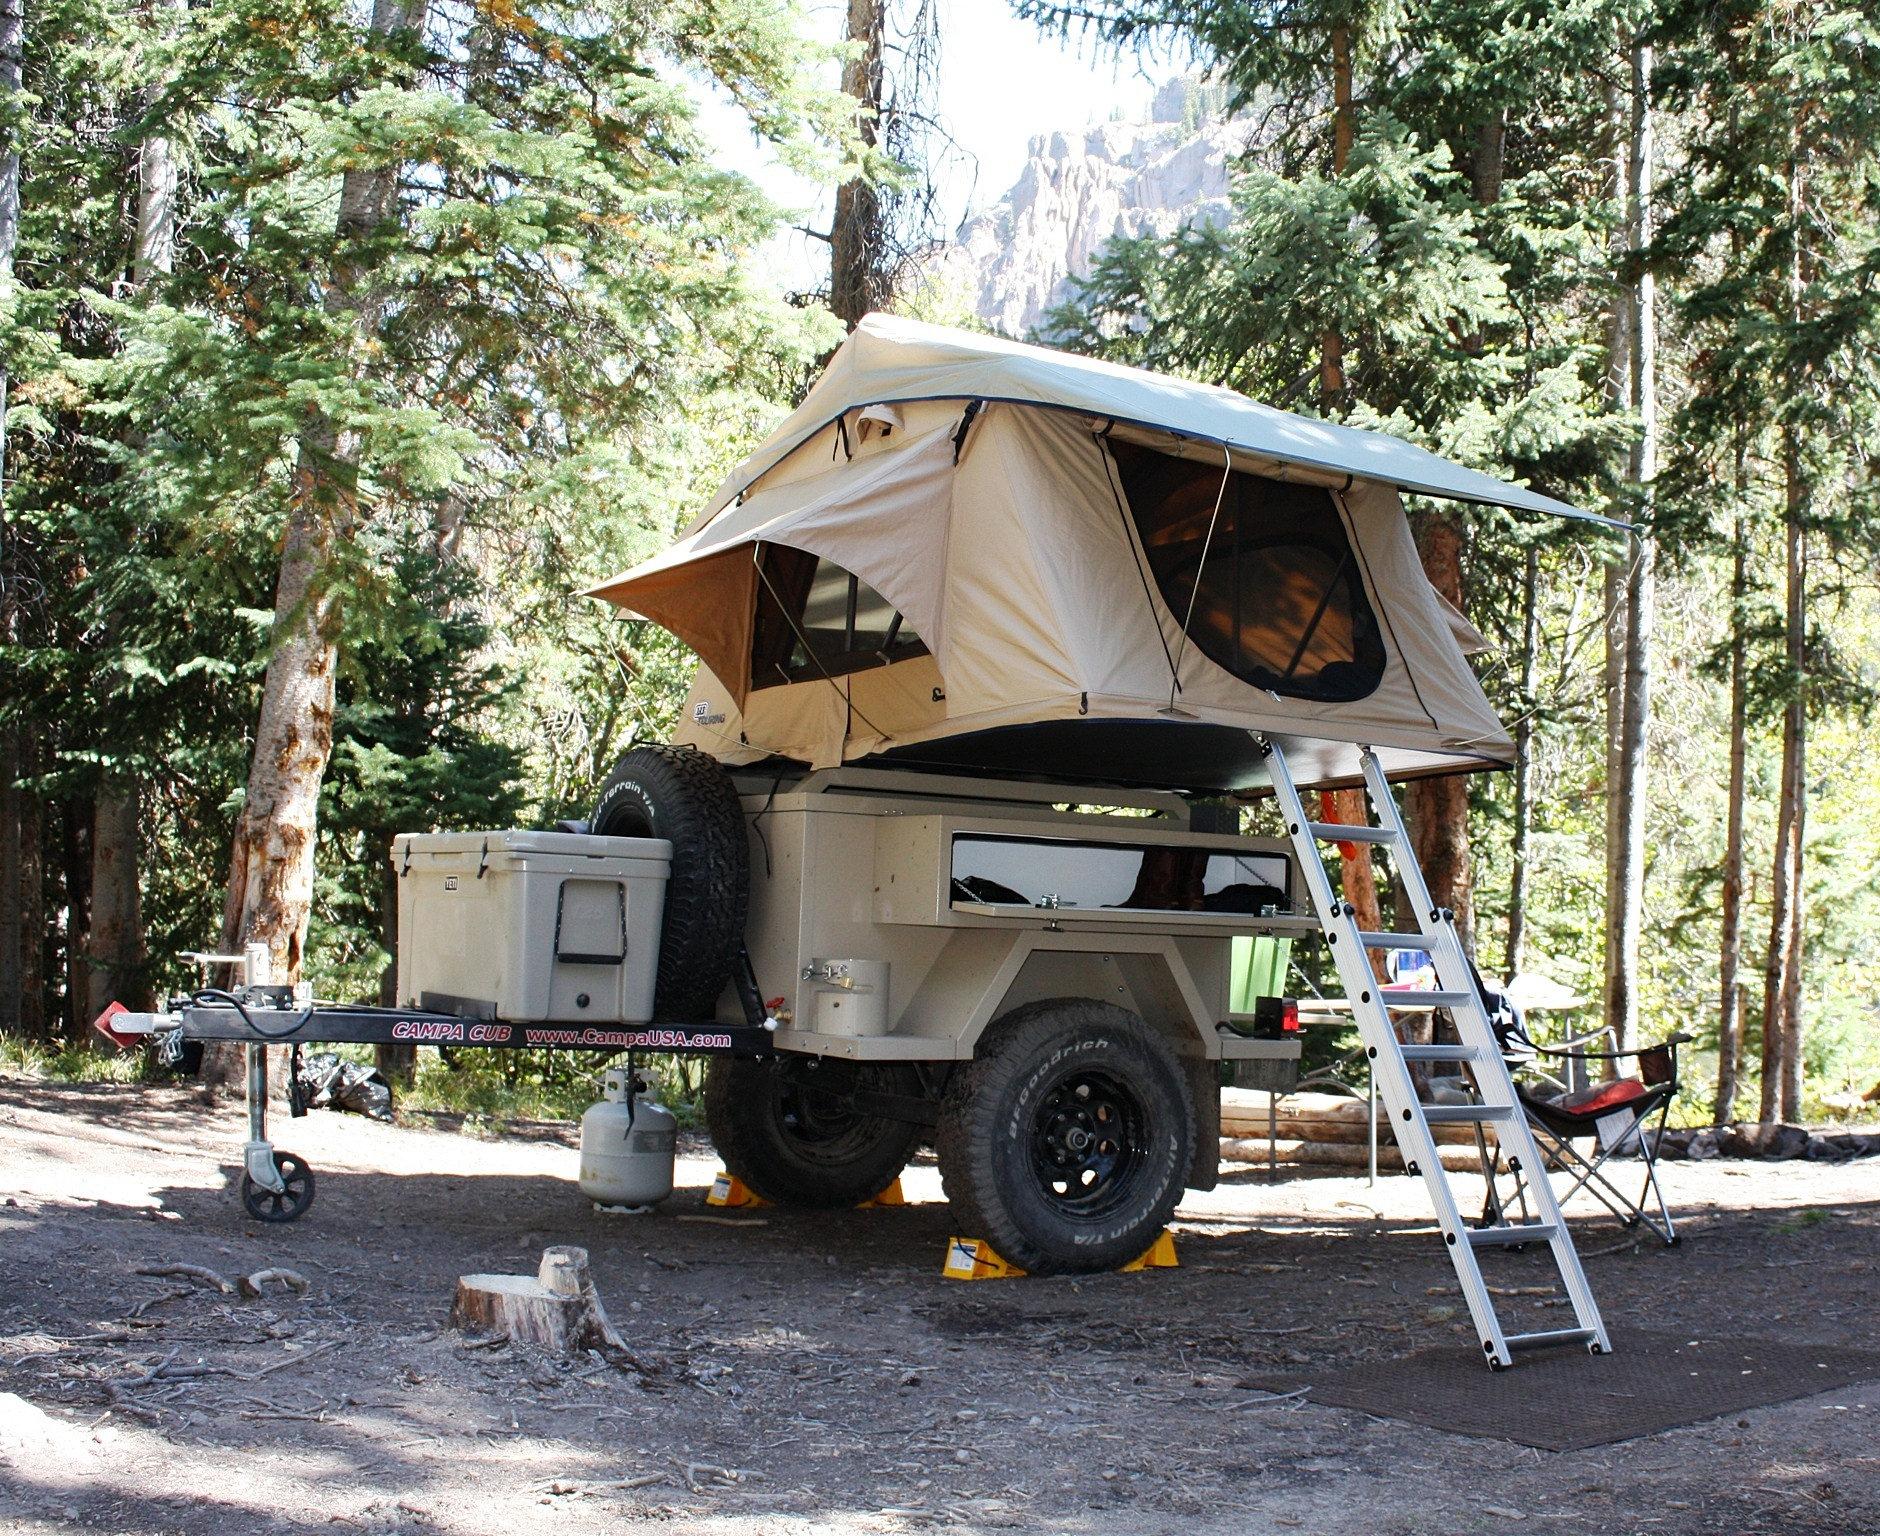 Cool PahaQue Custom Shop Custom C&er Tent Solutions Made In USA & 22 Luxury Camper Trailer Tent Usa   fakrub.com